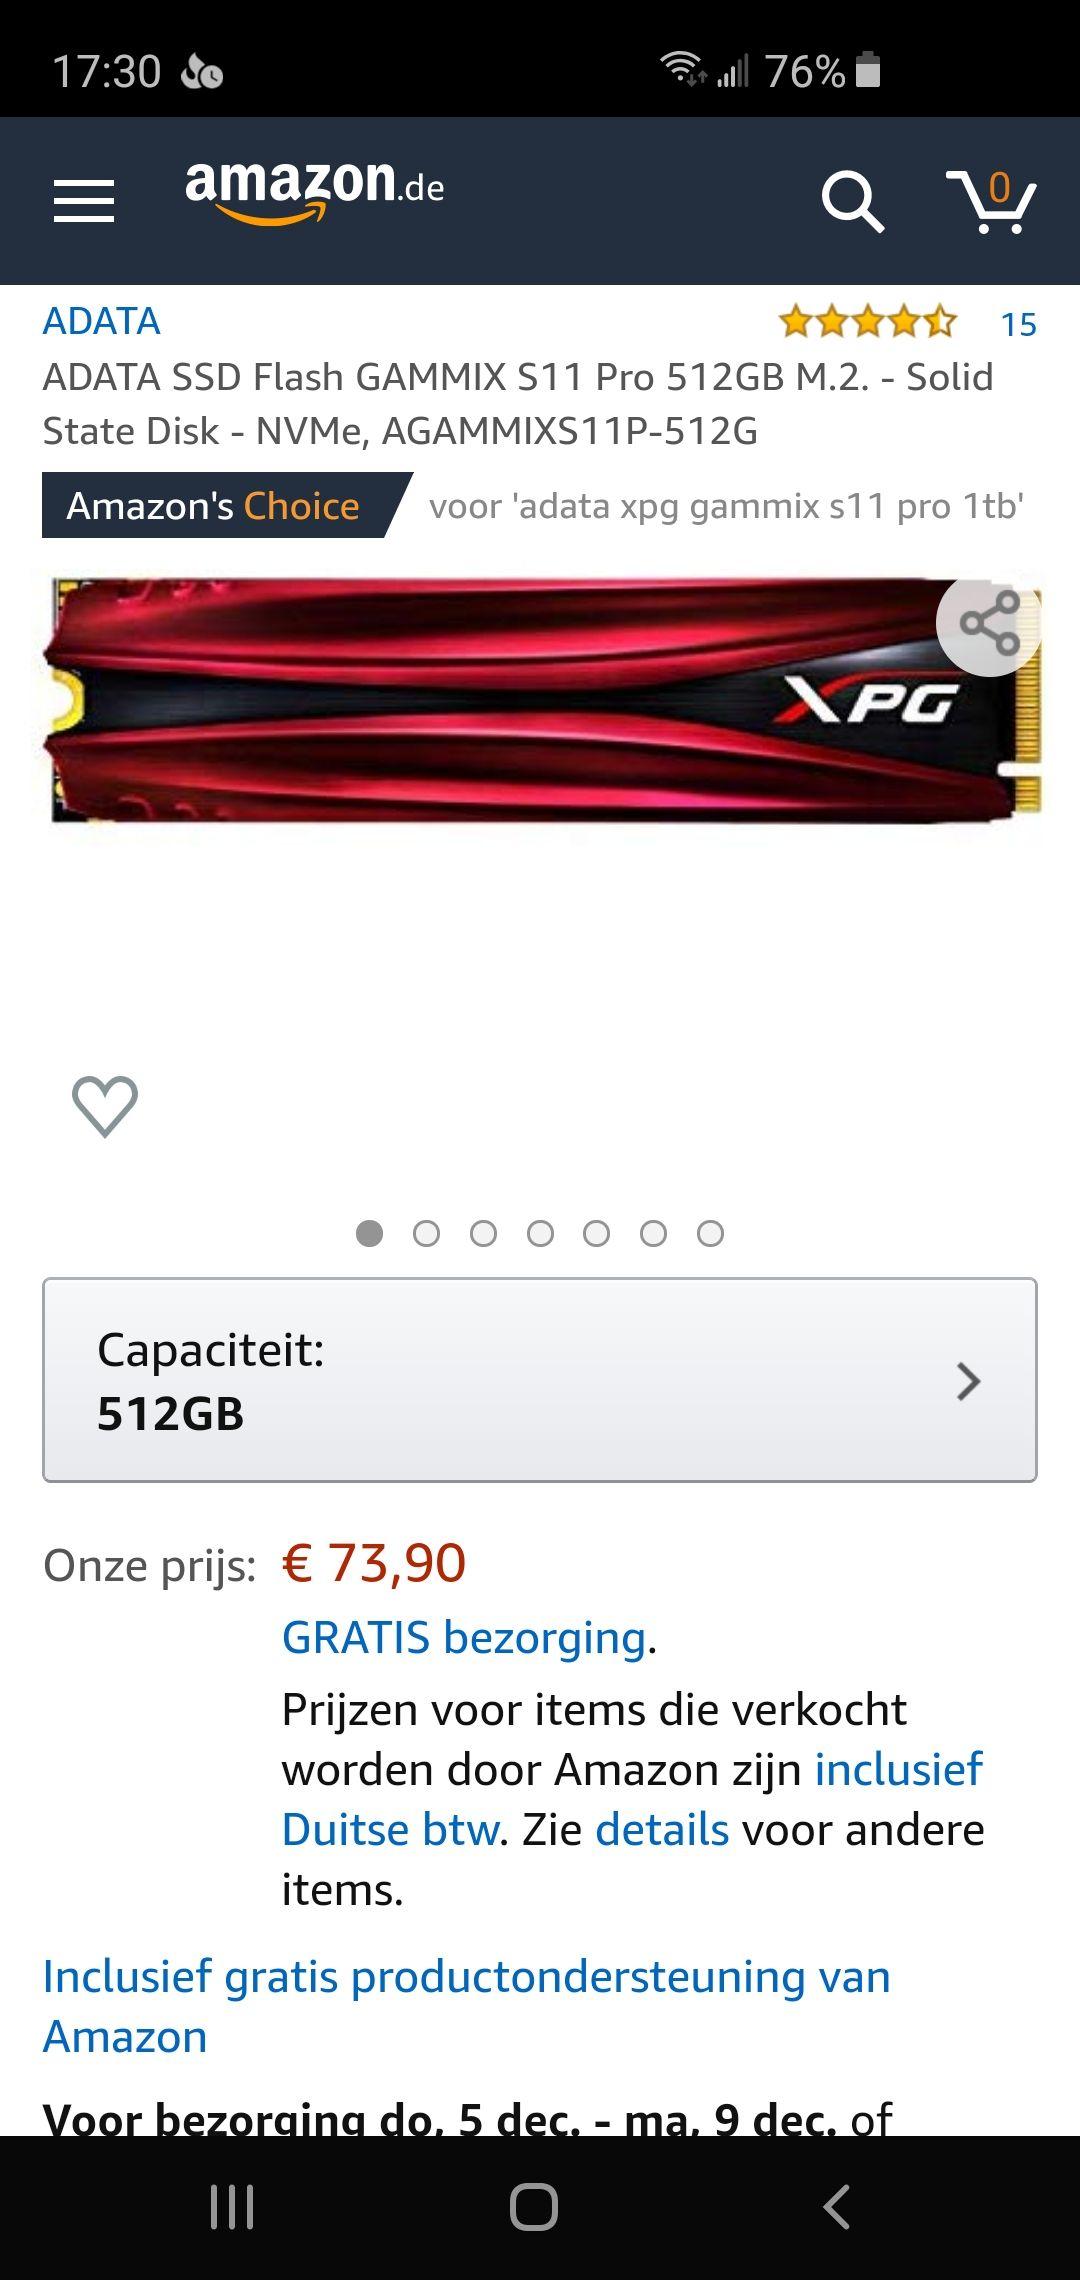 M.2 ADATA SSD Flash GAMMIX S11 Pro 512GB